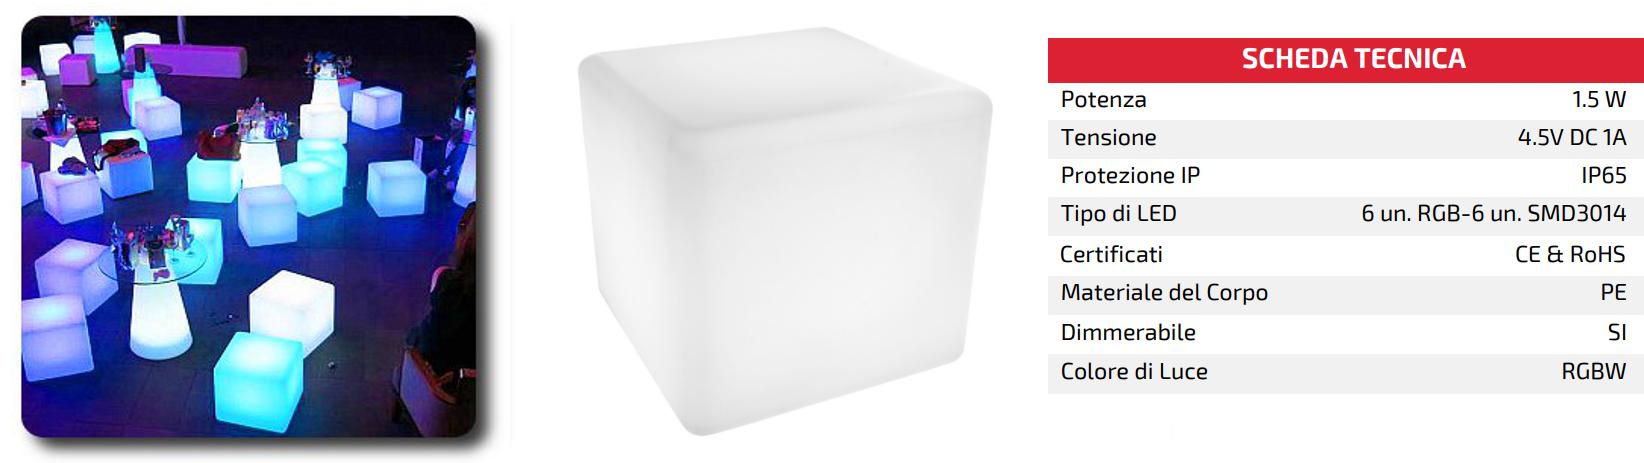 scheda tecnica sfera cubo luminosa led